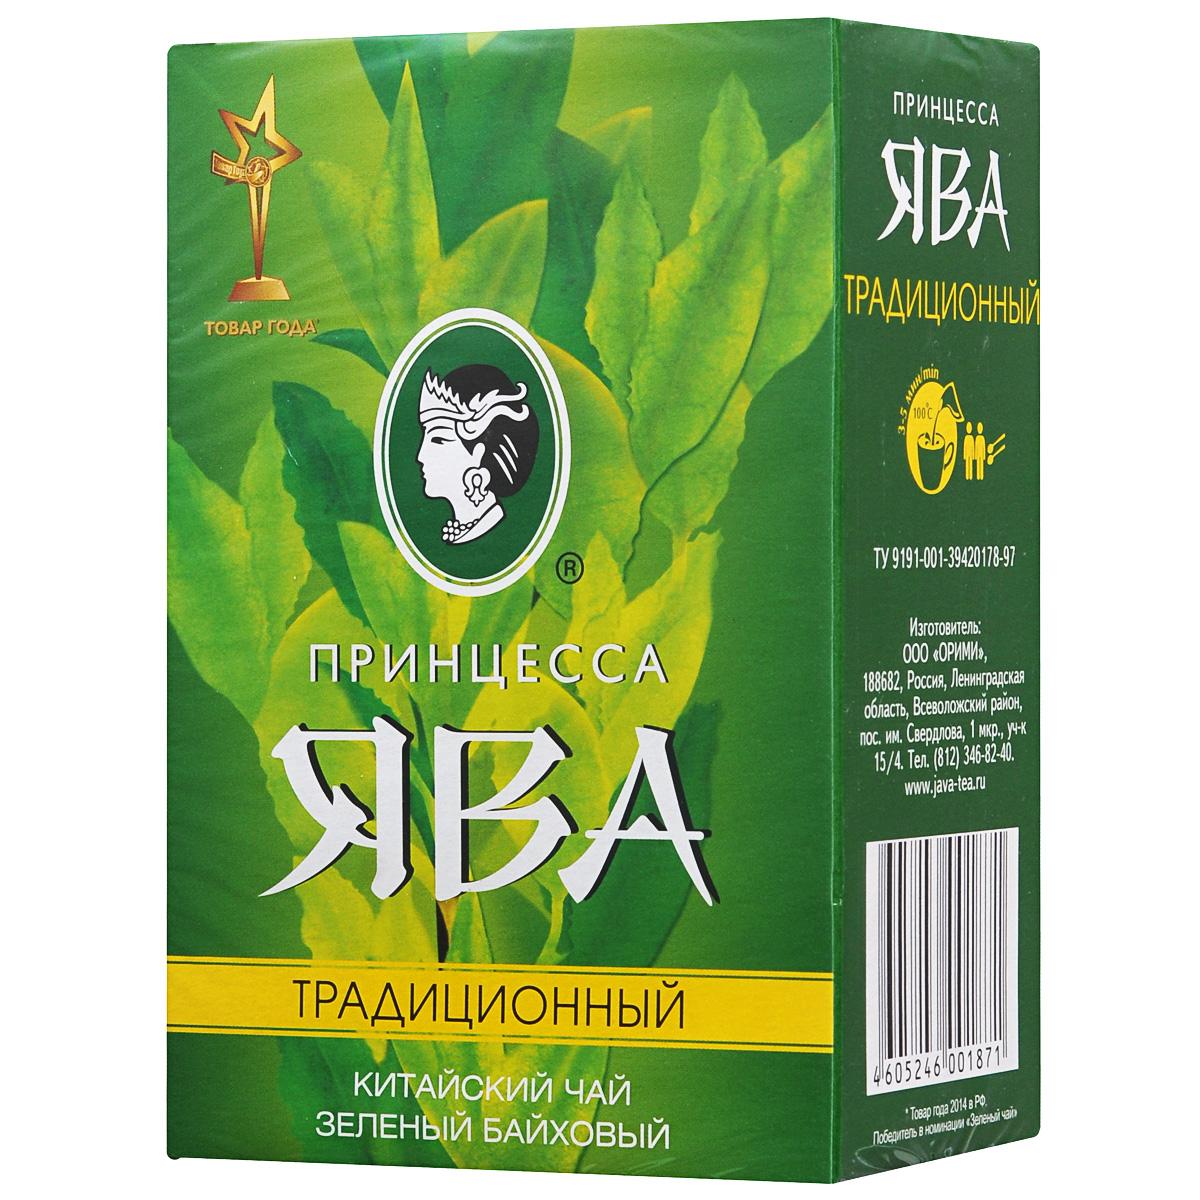 Принцесса Ява Традиционный зеленый чай листовой, 200 г0120710Китайский крупнолистовой зеленый чай Принцесса Ява Традиционный отличается темно-зеленым цветом и обладает индивидуальным терпким вкусом с легкой горчинкой. После употребления чая остается долгое послевкусие. Кроме того, это один из немногих зеленых чаев, который рекомендуют пить холодным с сахаром и лимоном.